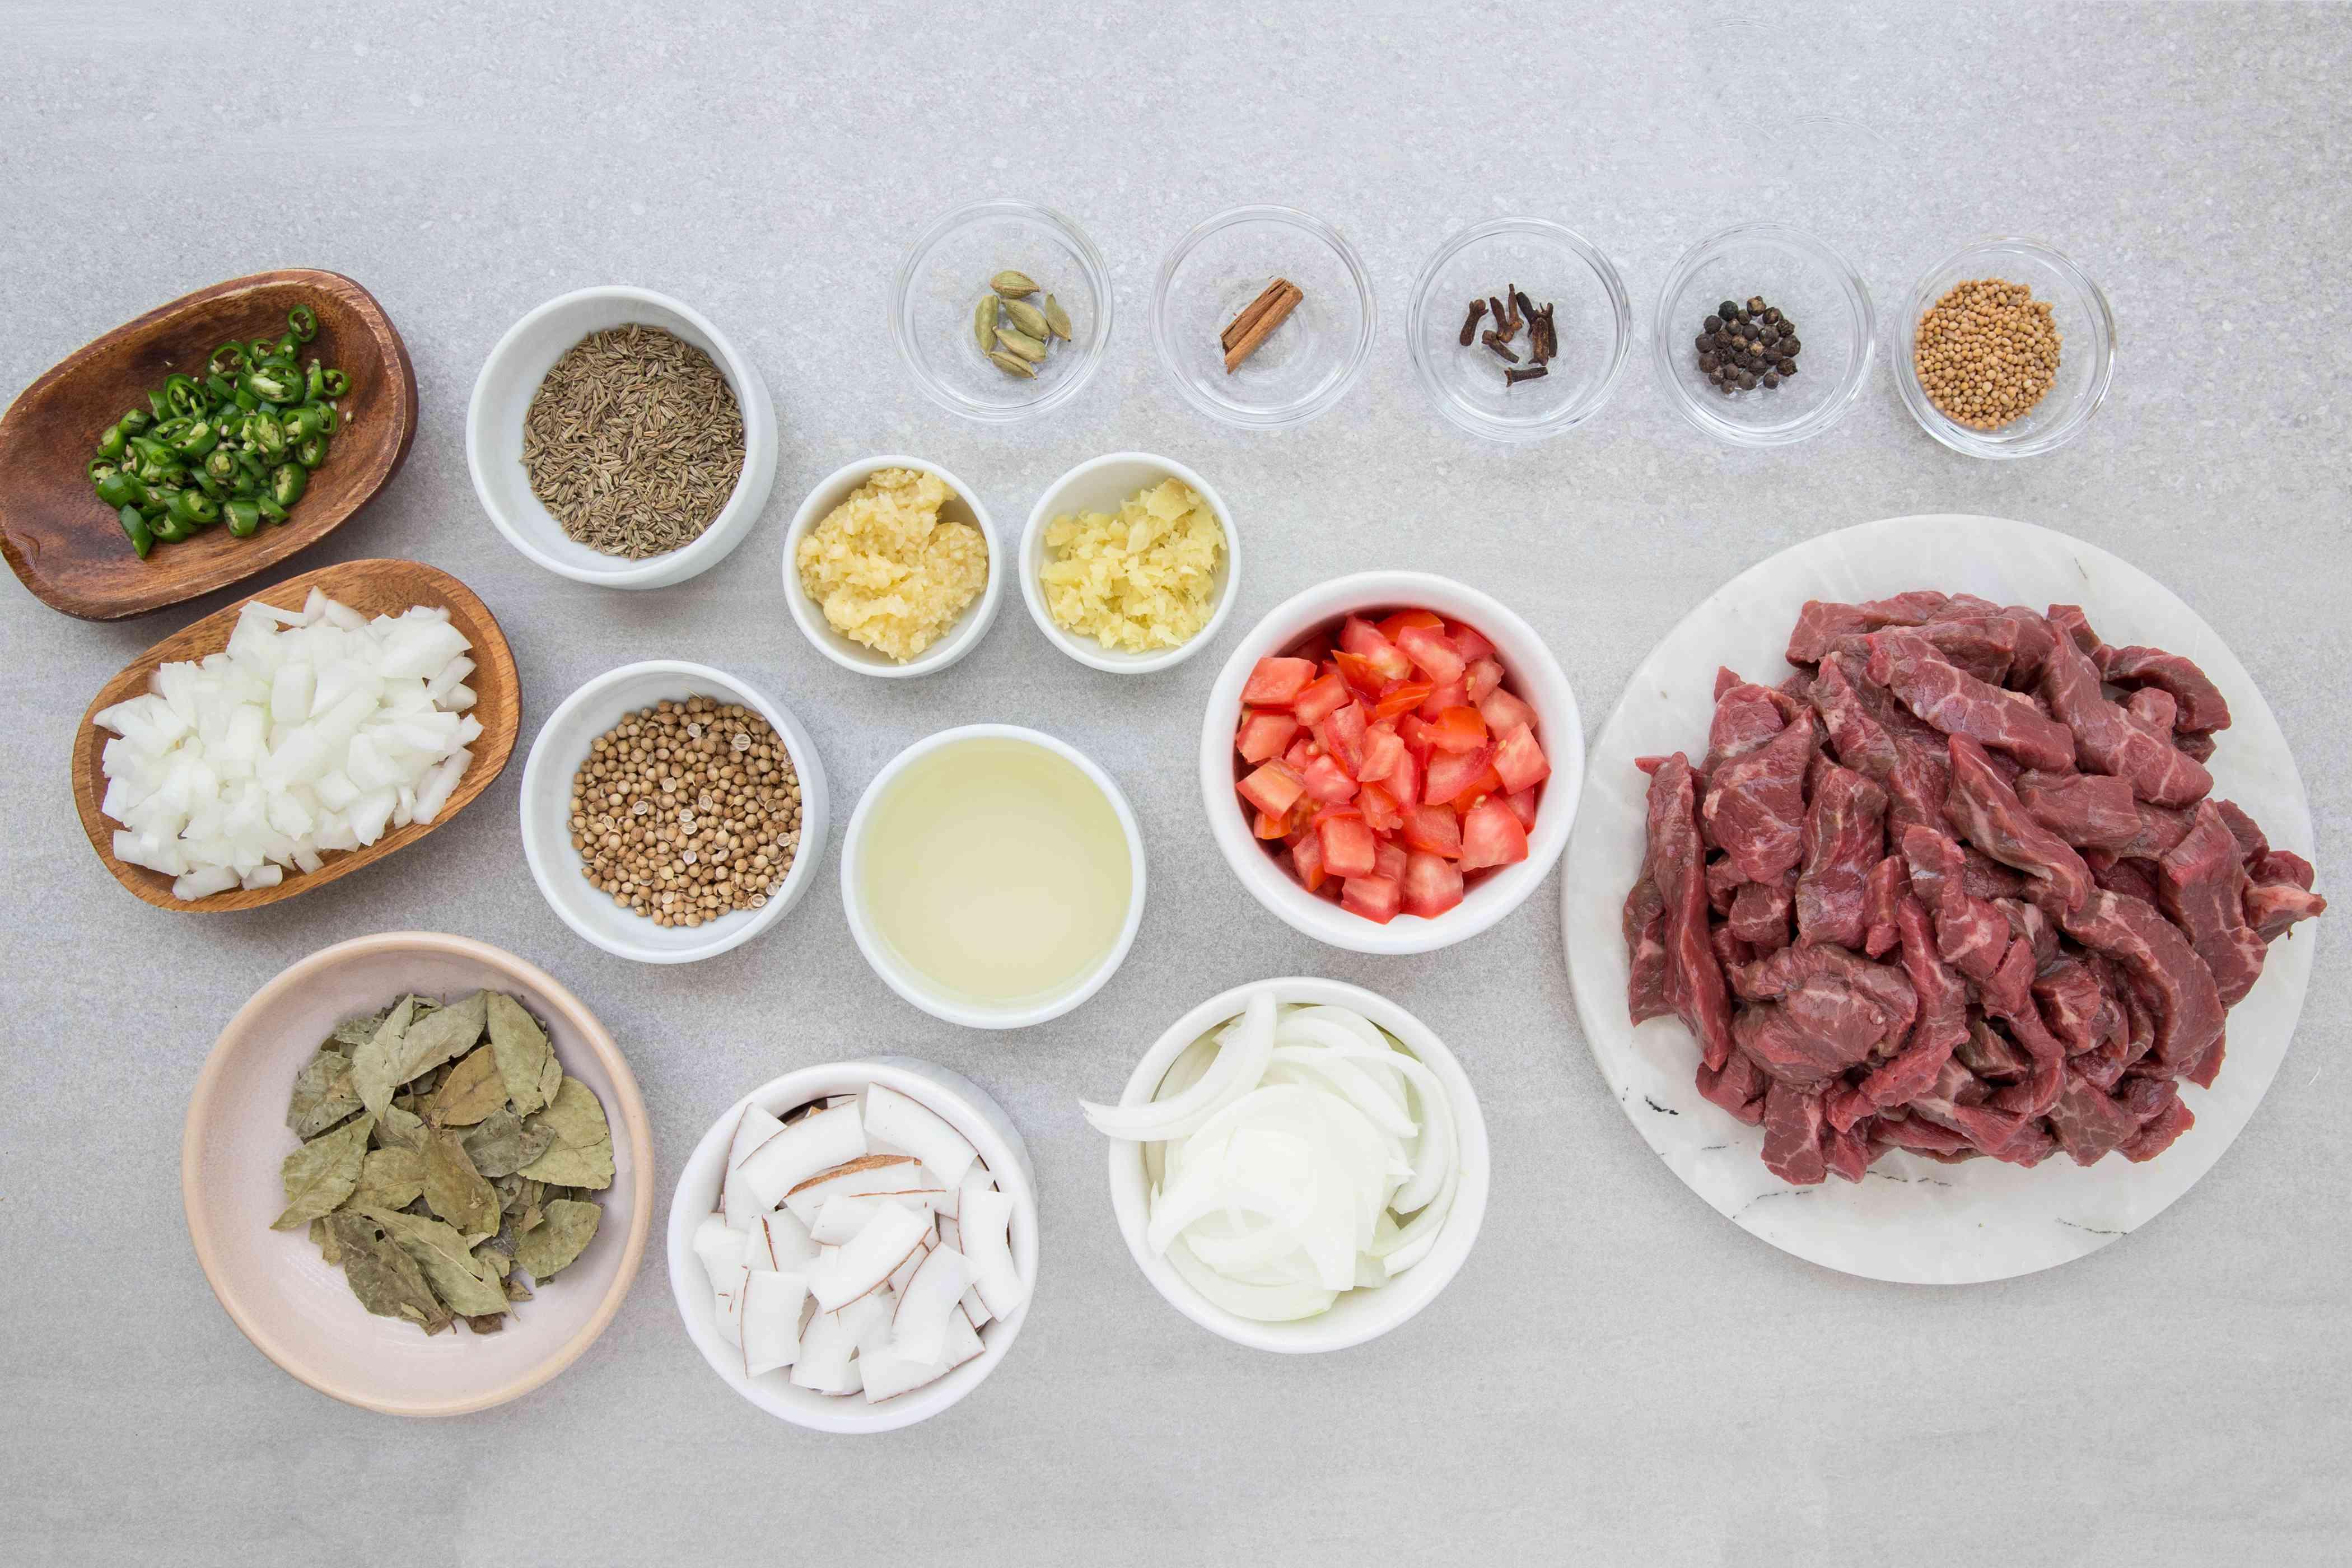 Kerala Beef Fry ingredients